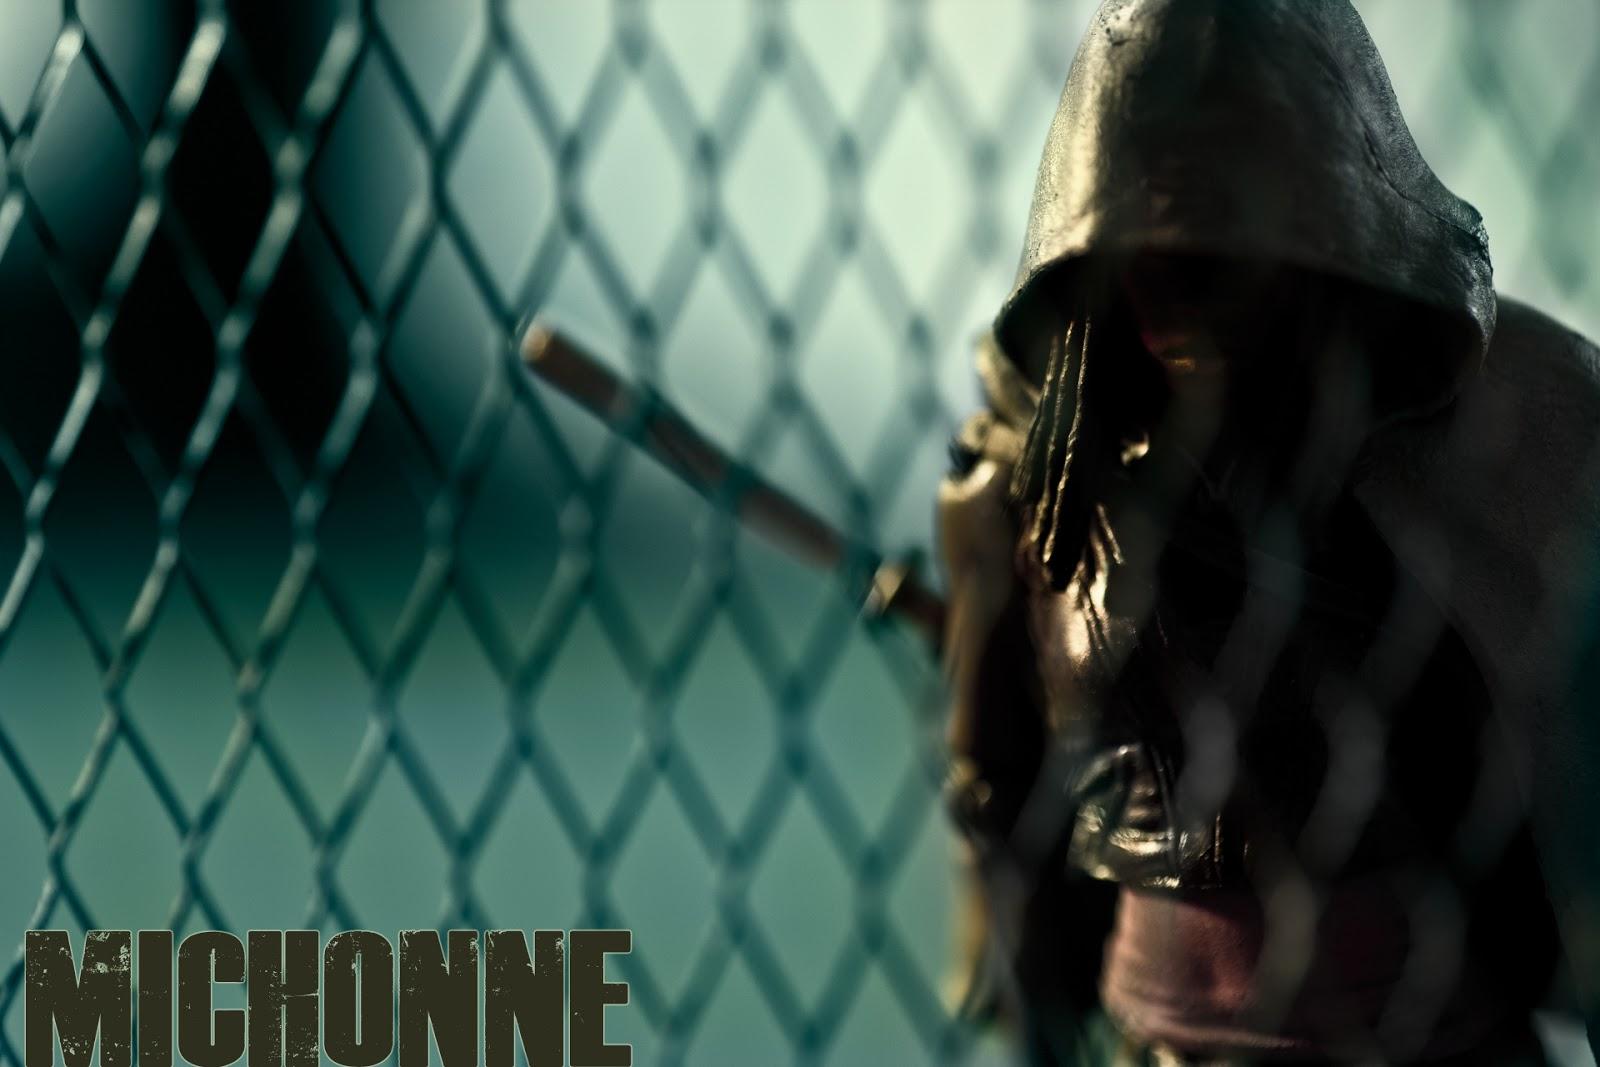 Michonne Action Figure Wallpaper